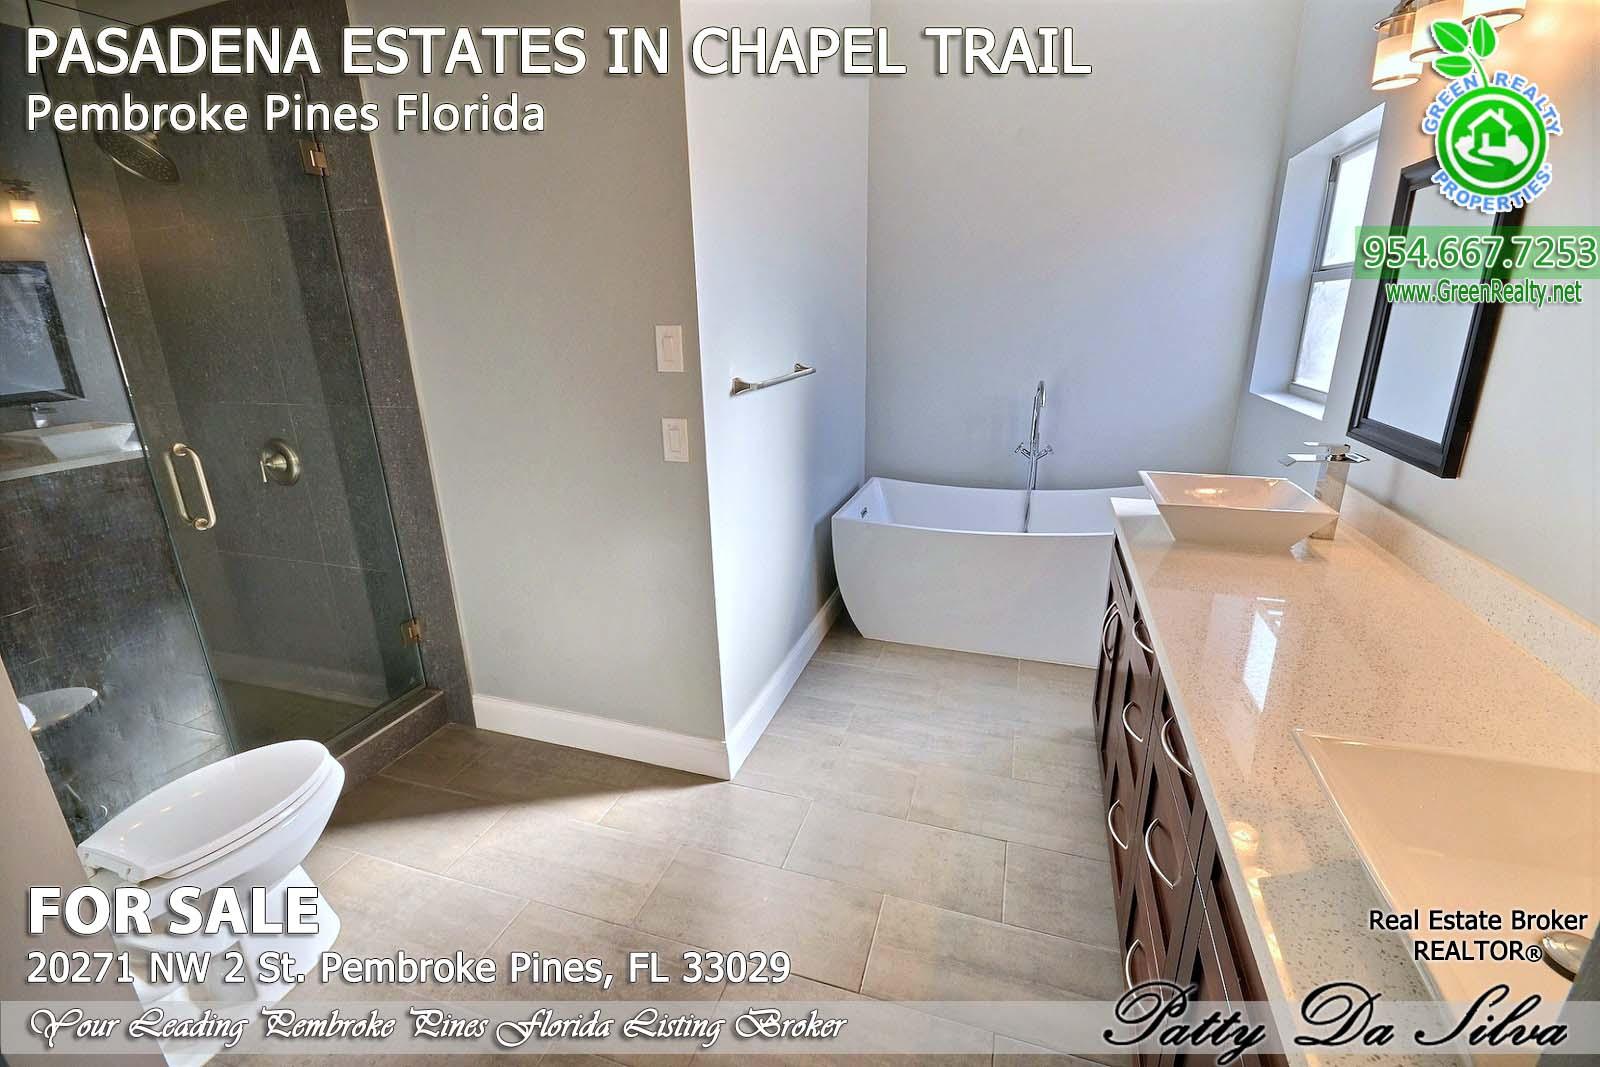 Pasadena Estates of Chapel Trail - Pembroke Pines FL (15)